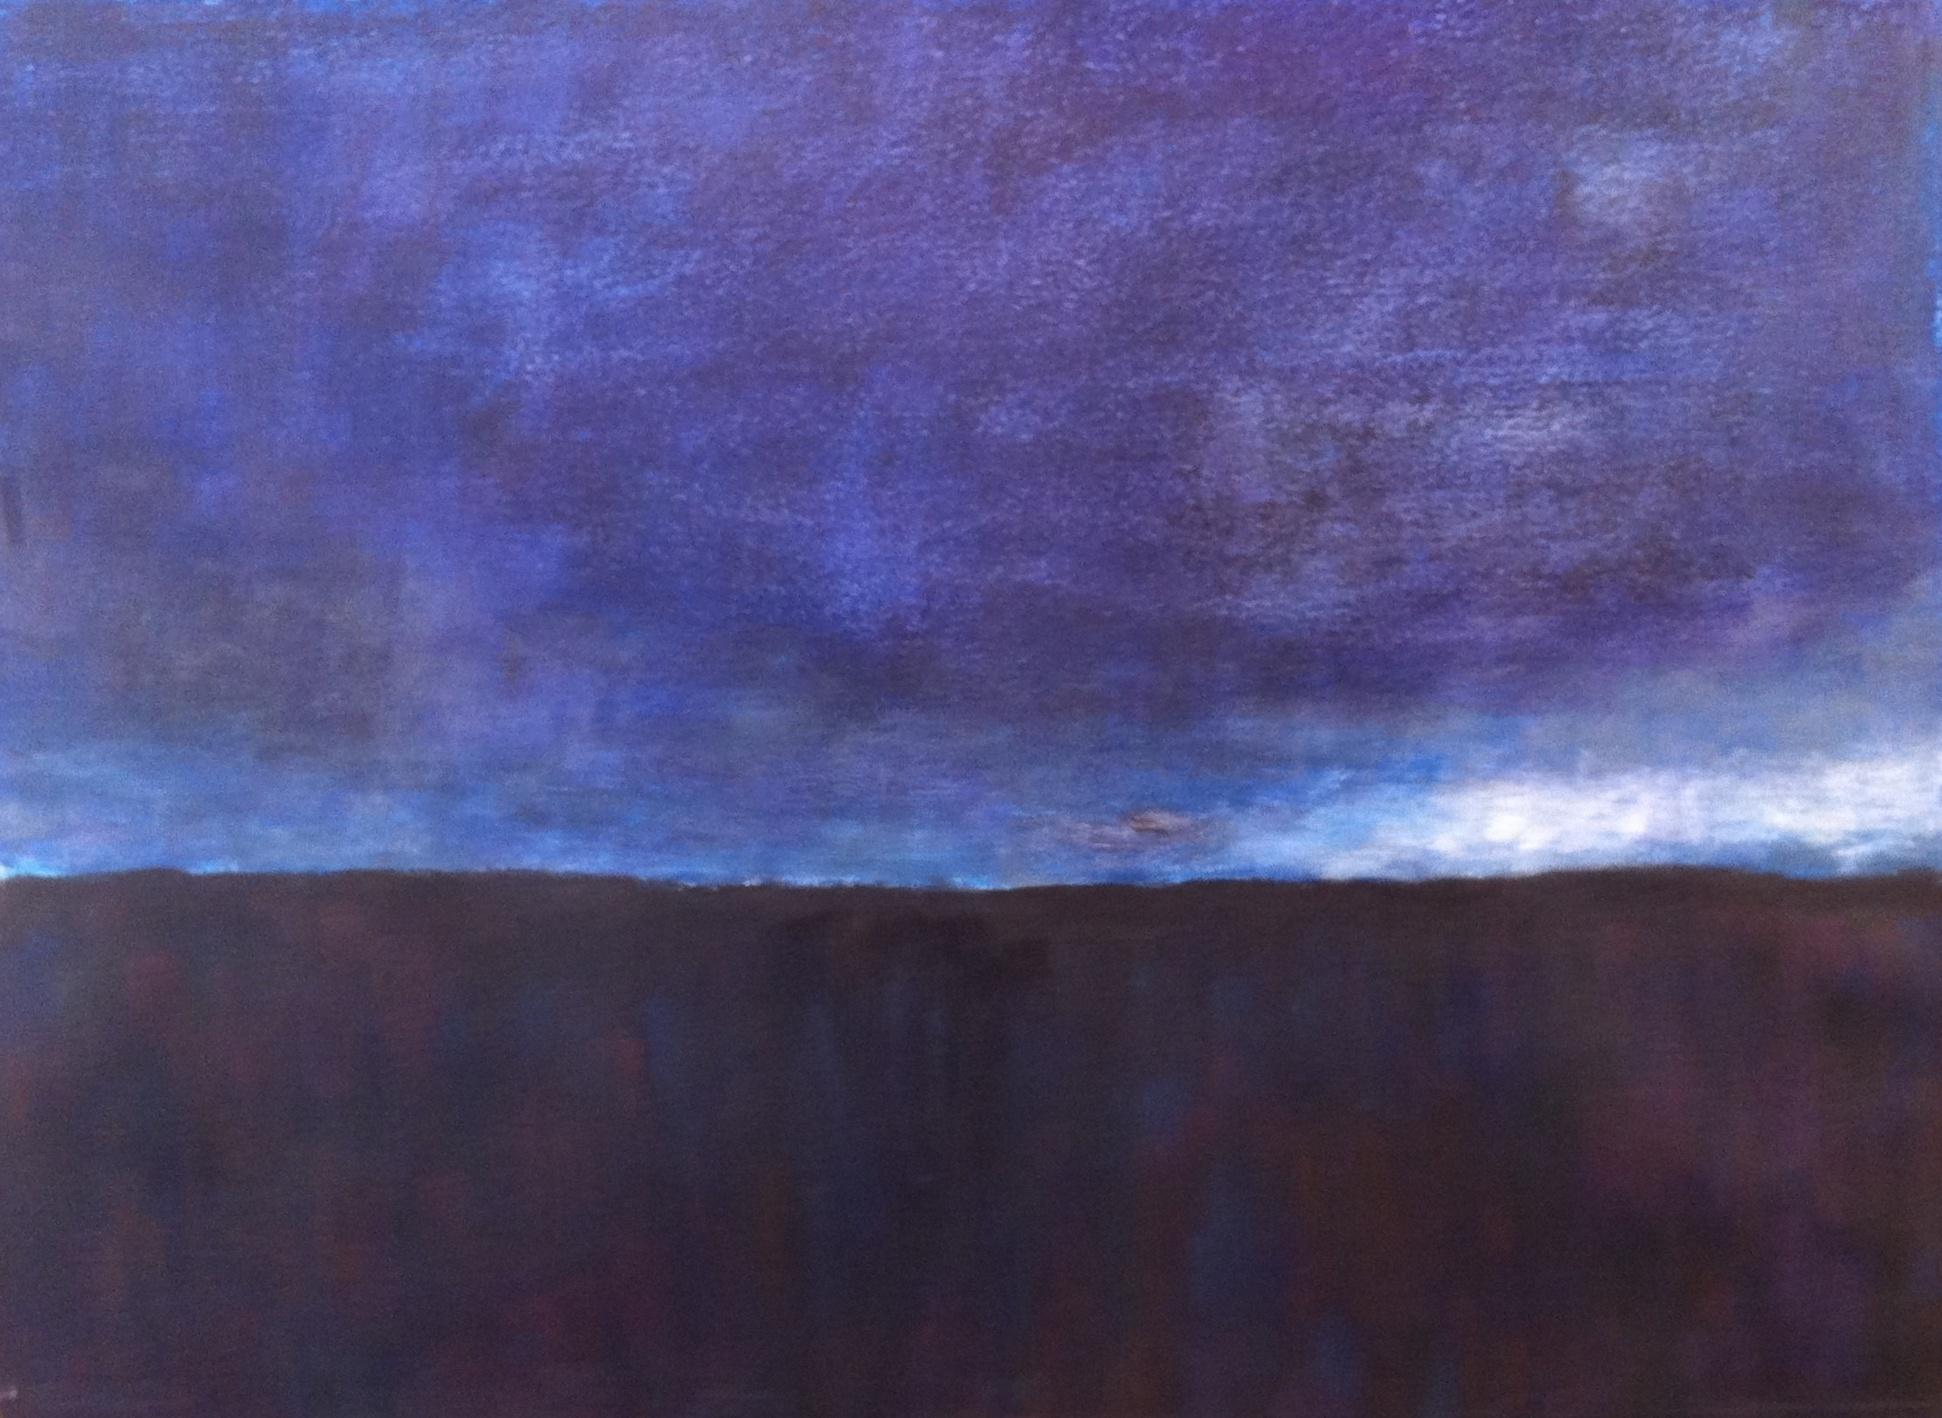 N°331 - Avant la pluie - Acrylique sur papier - 65 x 76 cm - 2 avril 2013